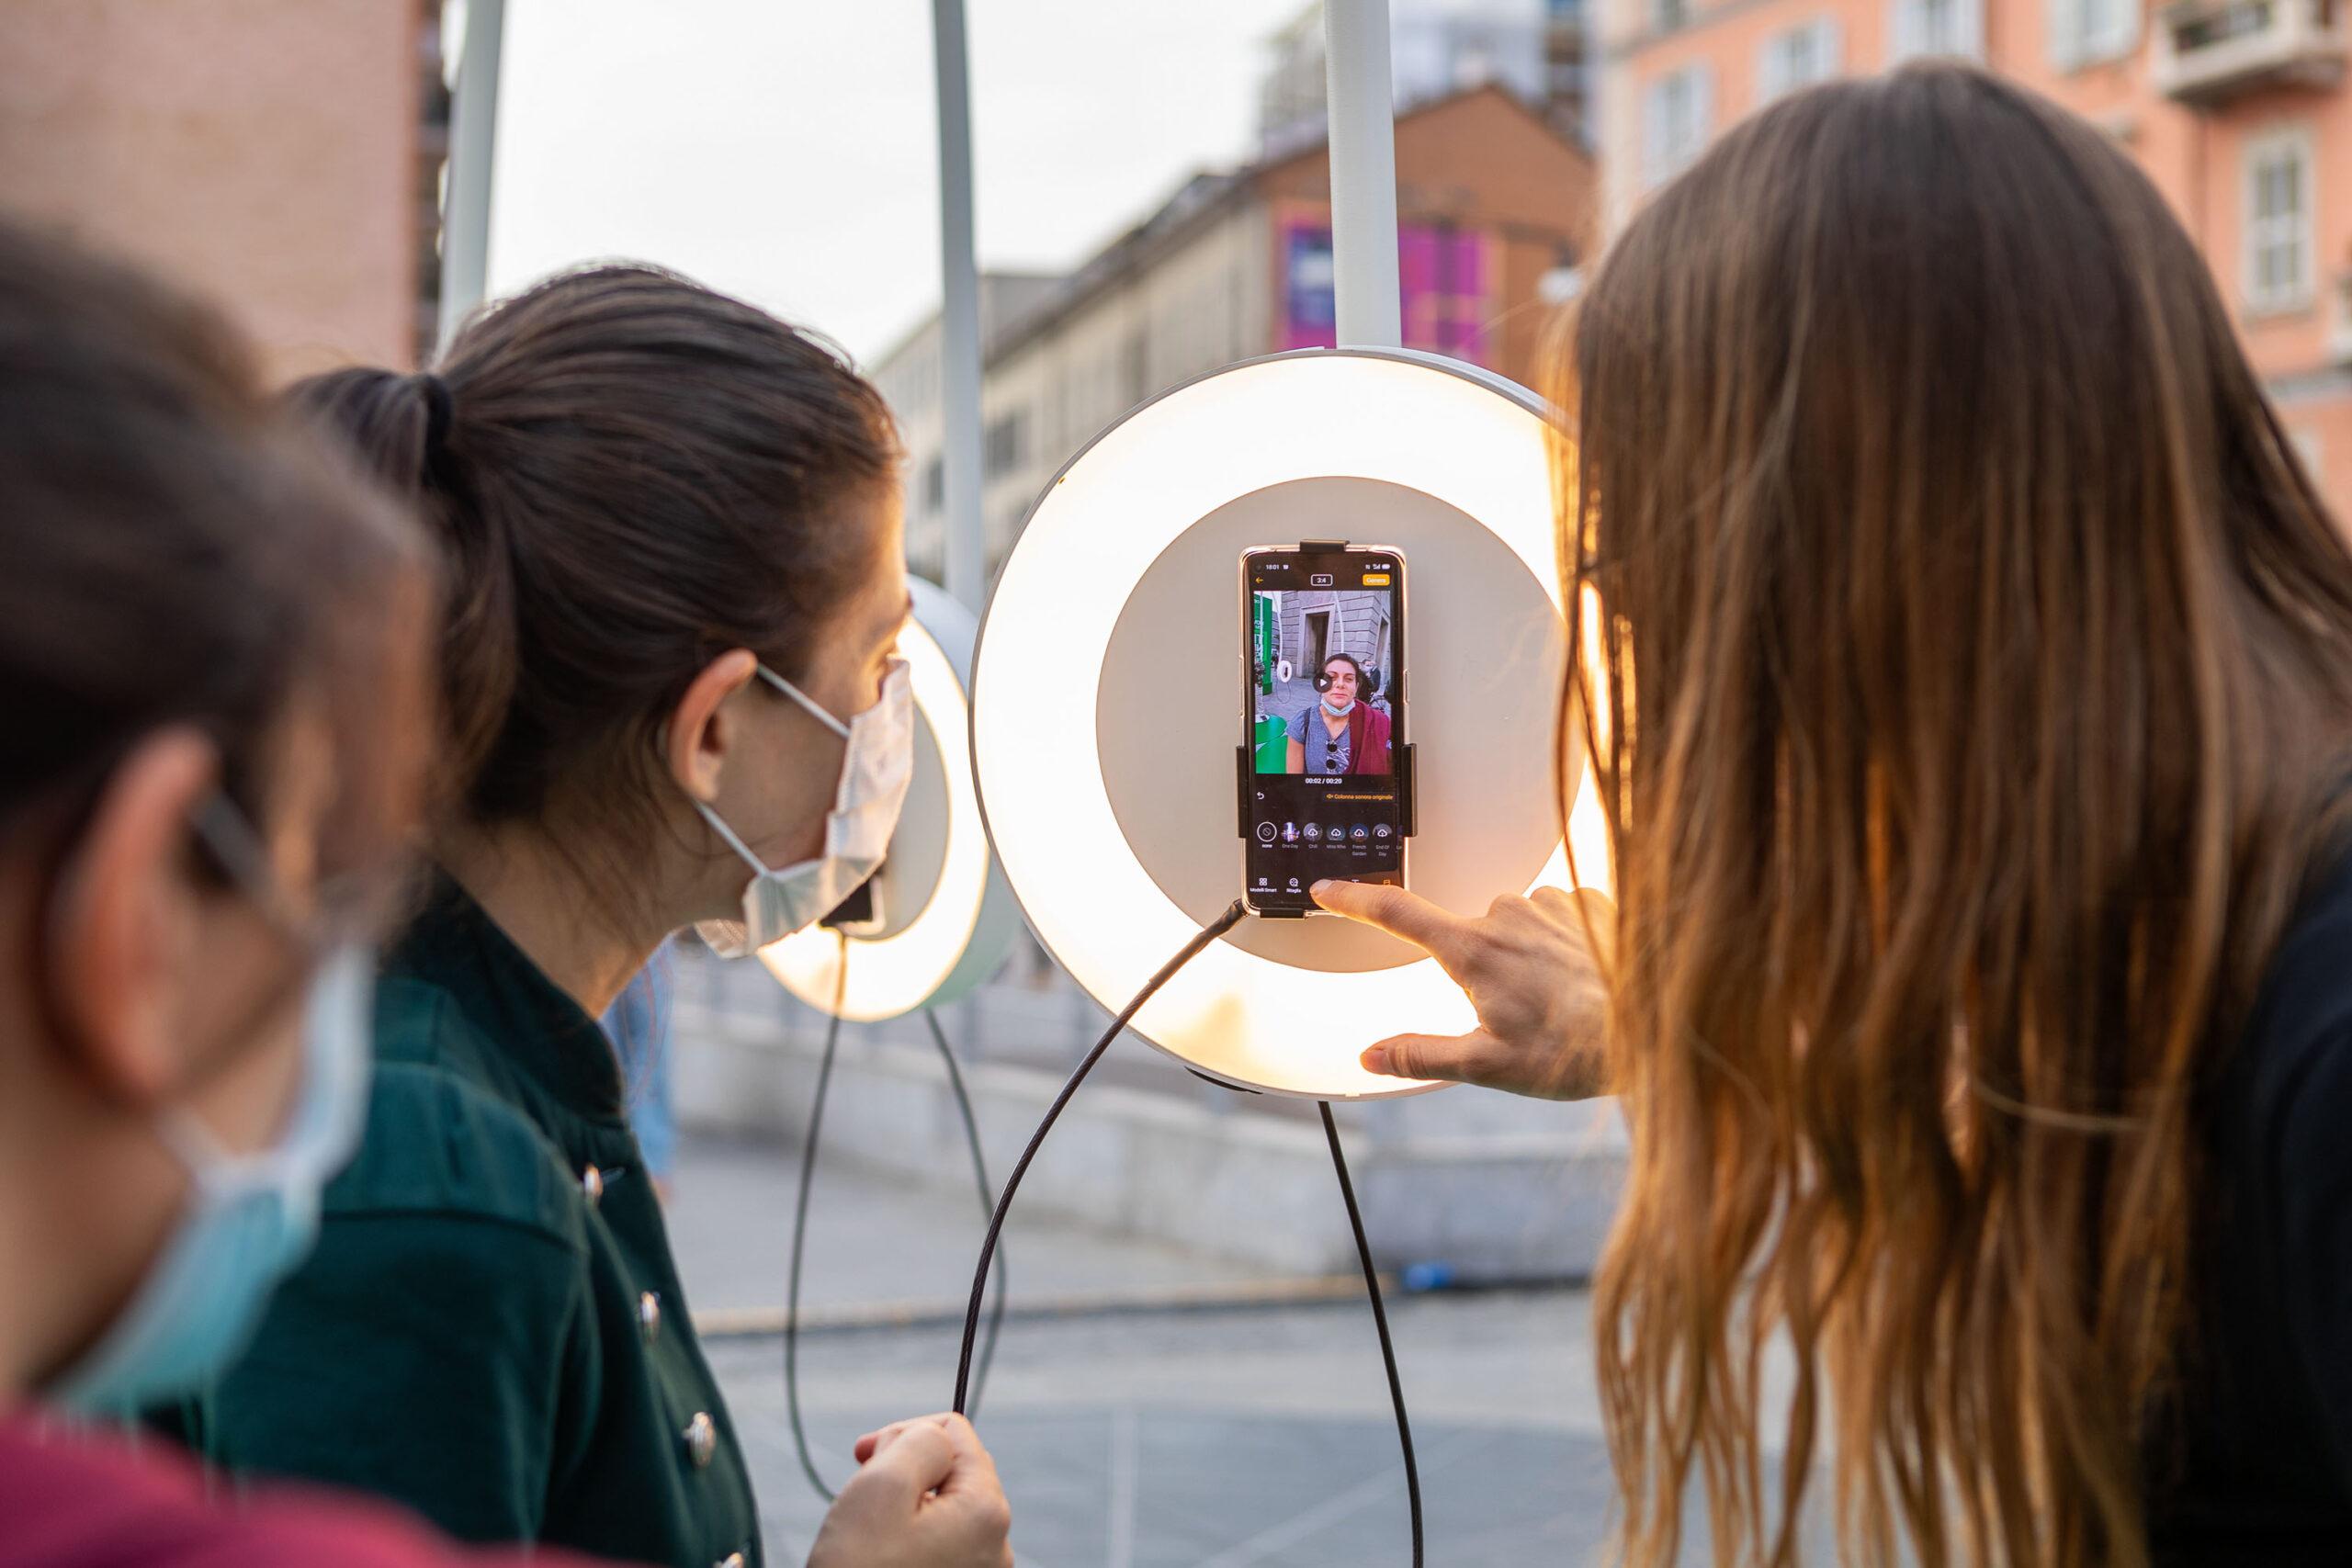 A Milano l'OPPOrtunity Creative Lab, l'installazione creativa e connessa che mostra il ruolo della tecnologia nel futuro